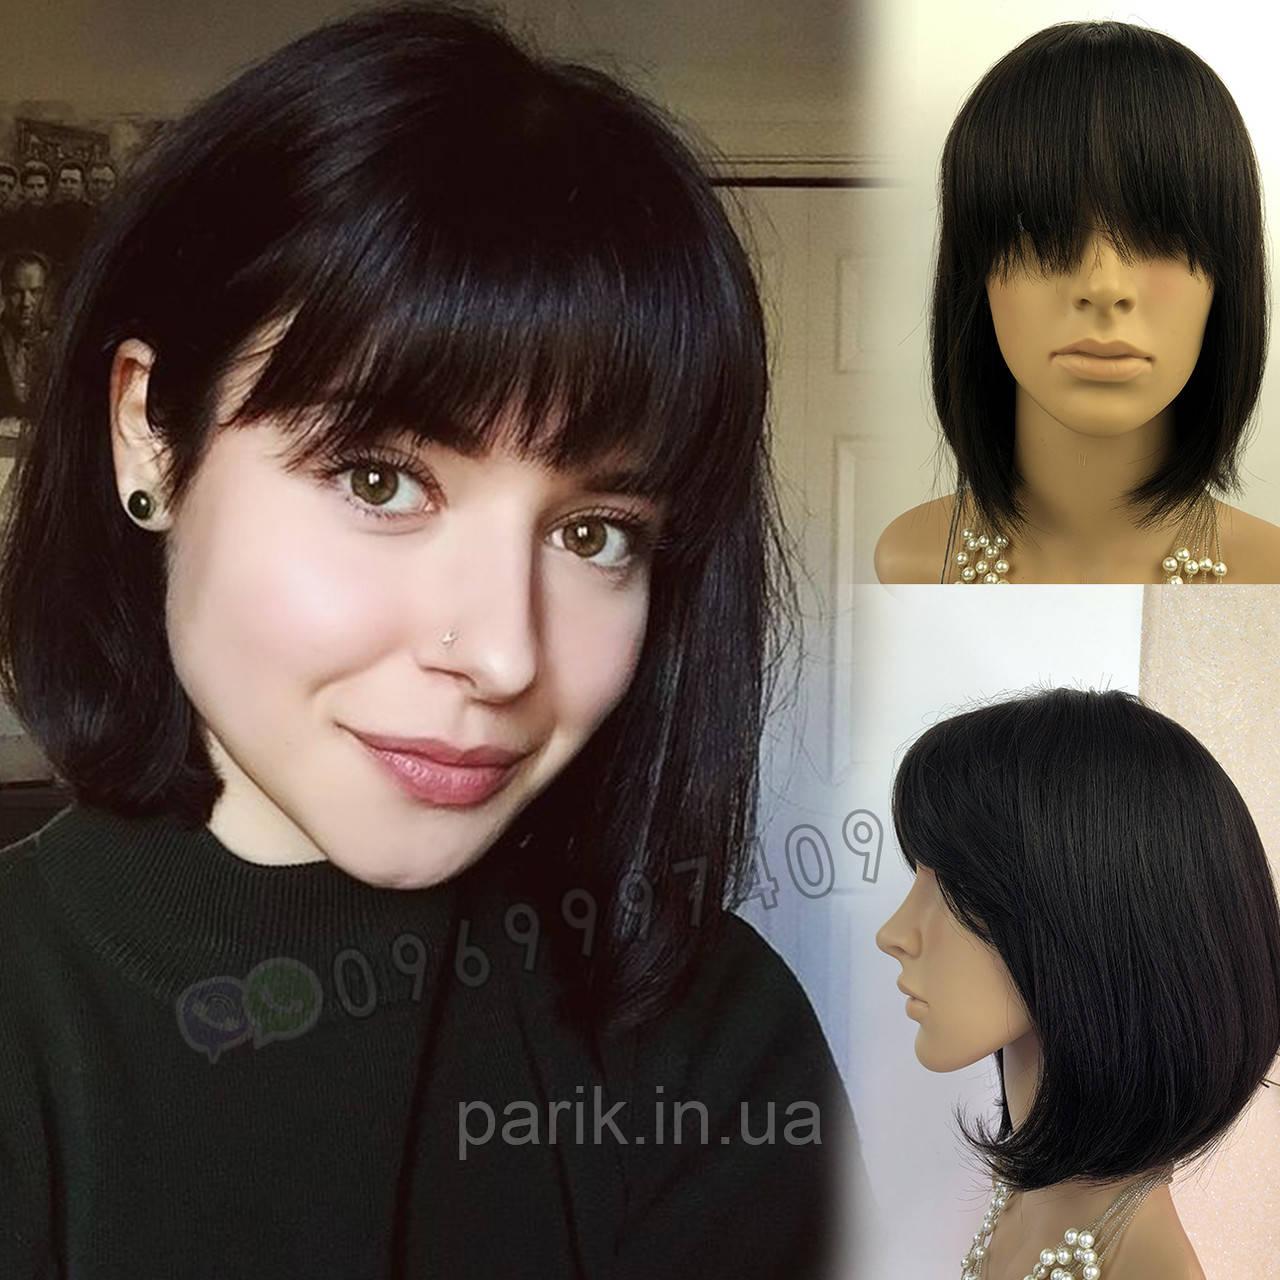 💎 Парик женский каре чёрный, из натуральных волос с чёлкой 💎